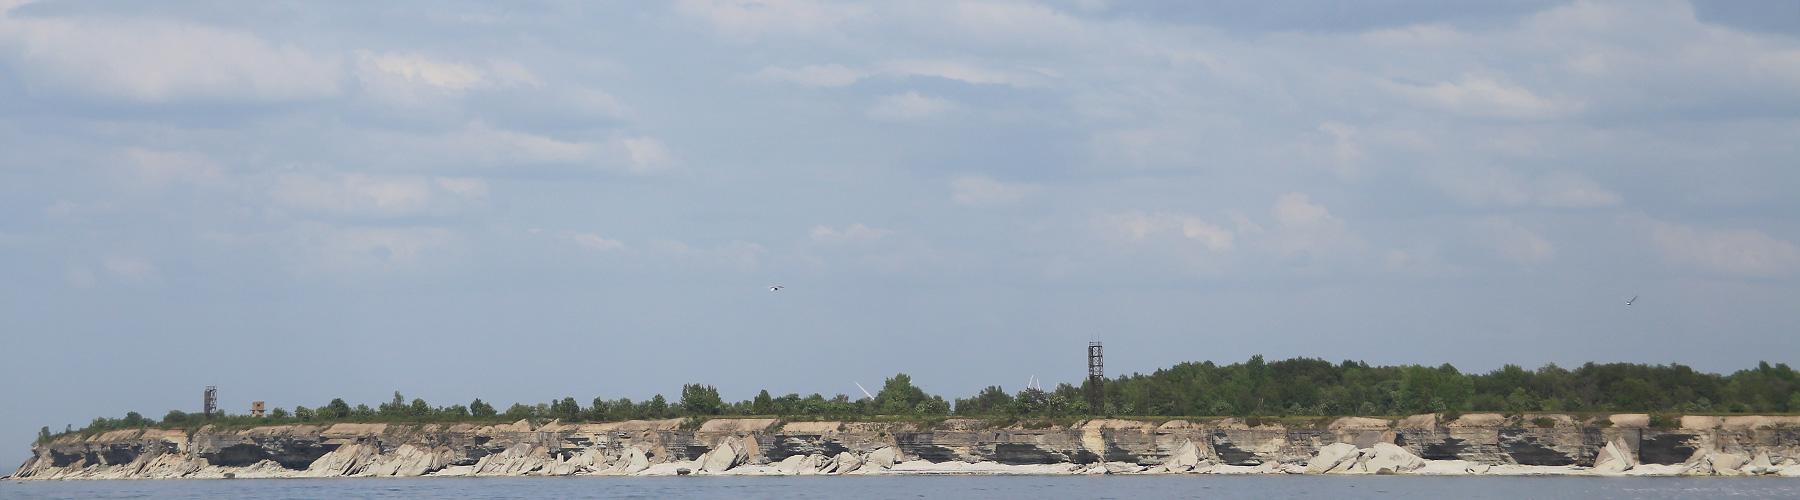 Väike-Pakri pankrannik merelt vaadatuna